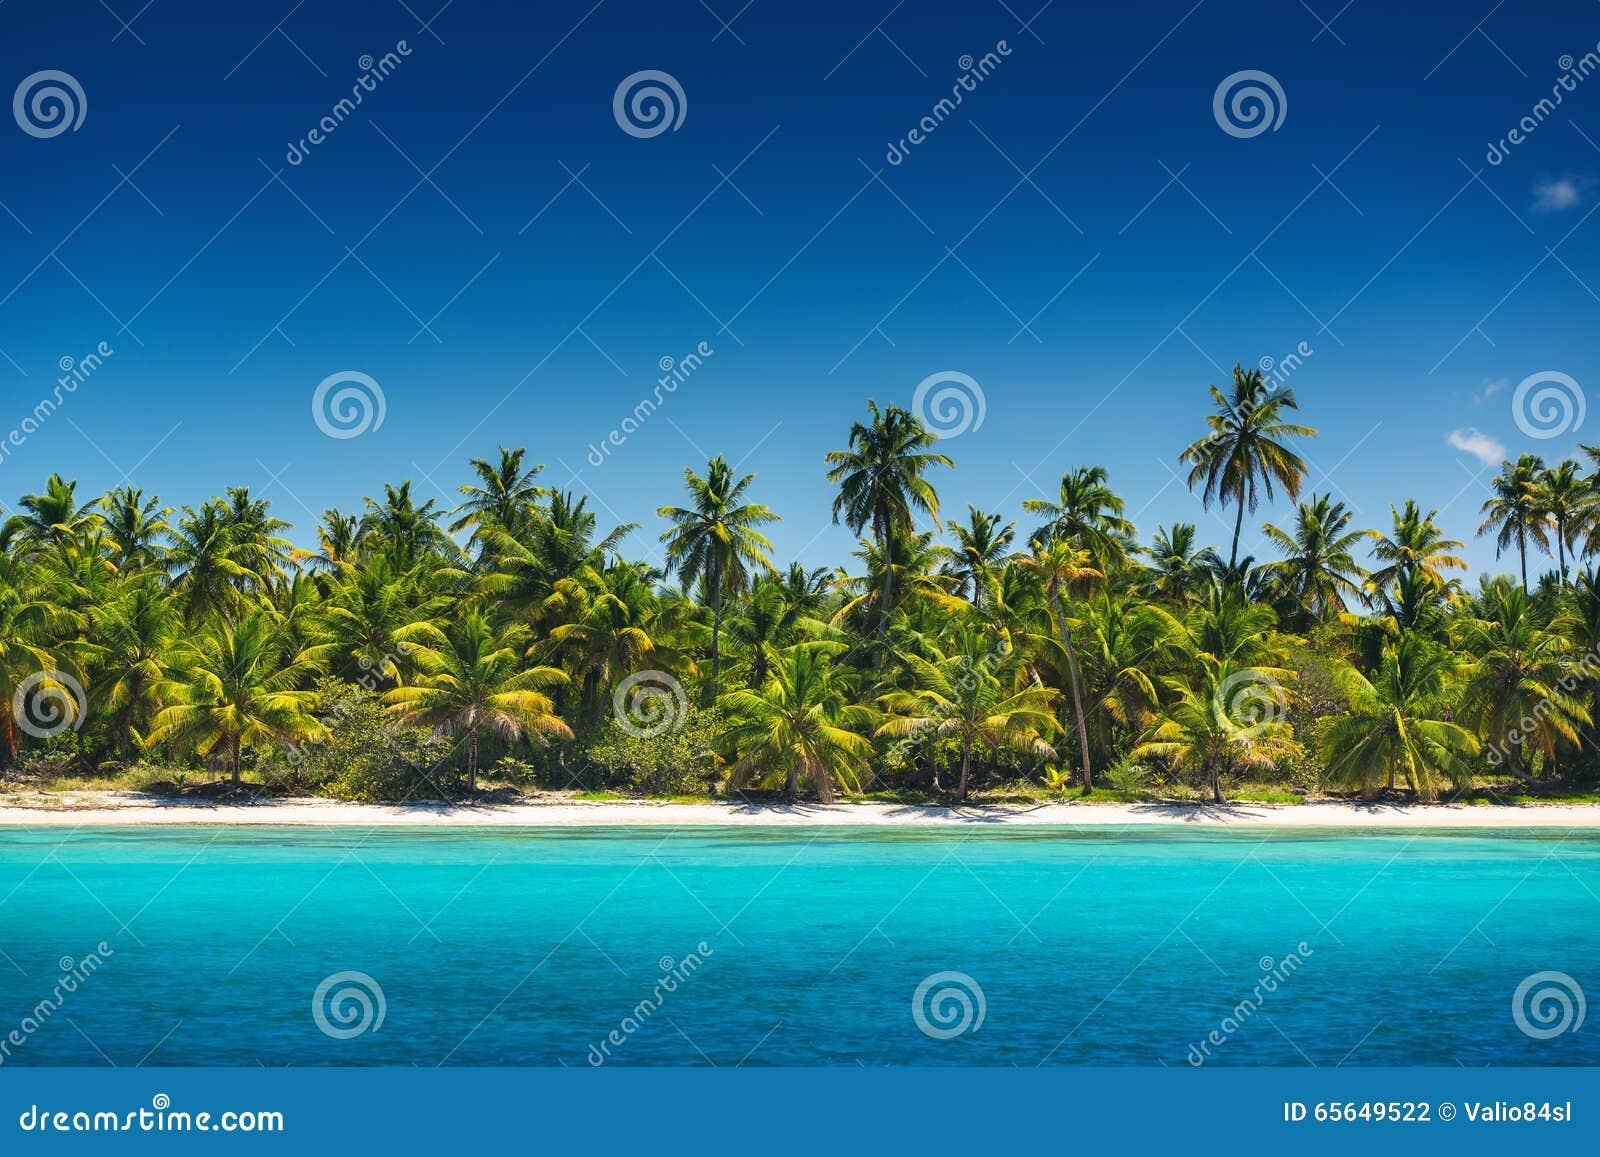 Palmiers sur la plage tropicale, île de Saona, Dominicain Republ